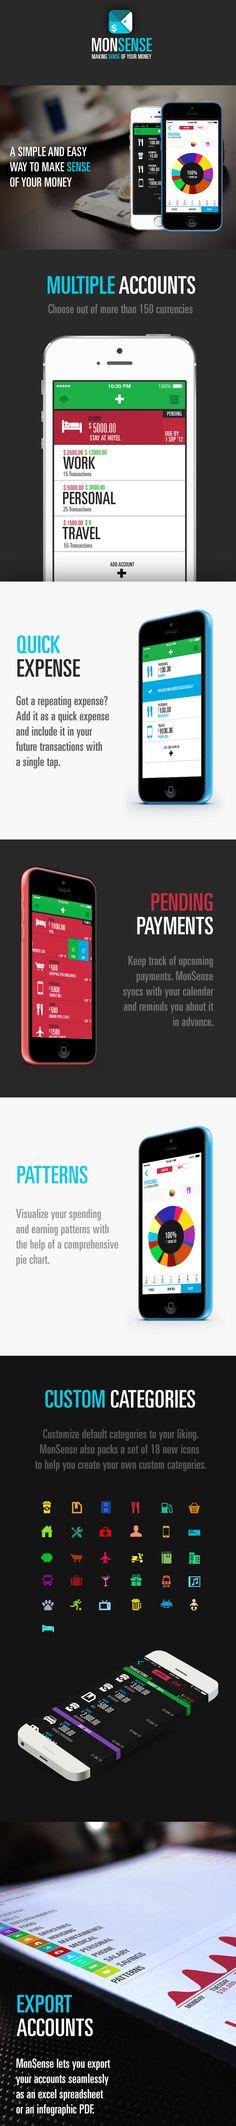 Daily Mobile UI Design Inspiration #349